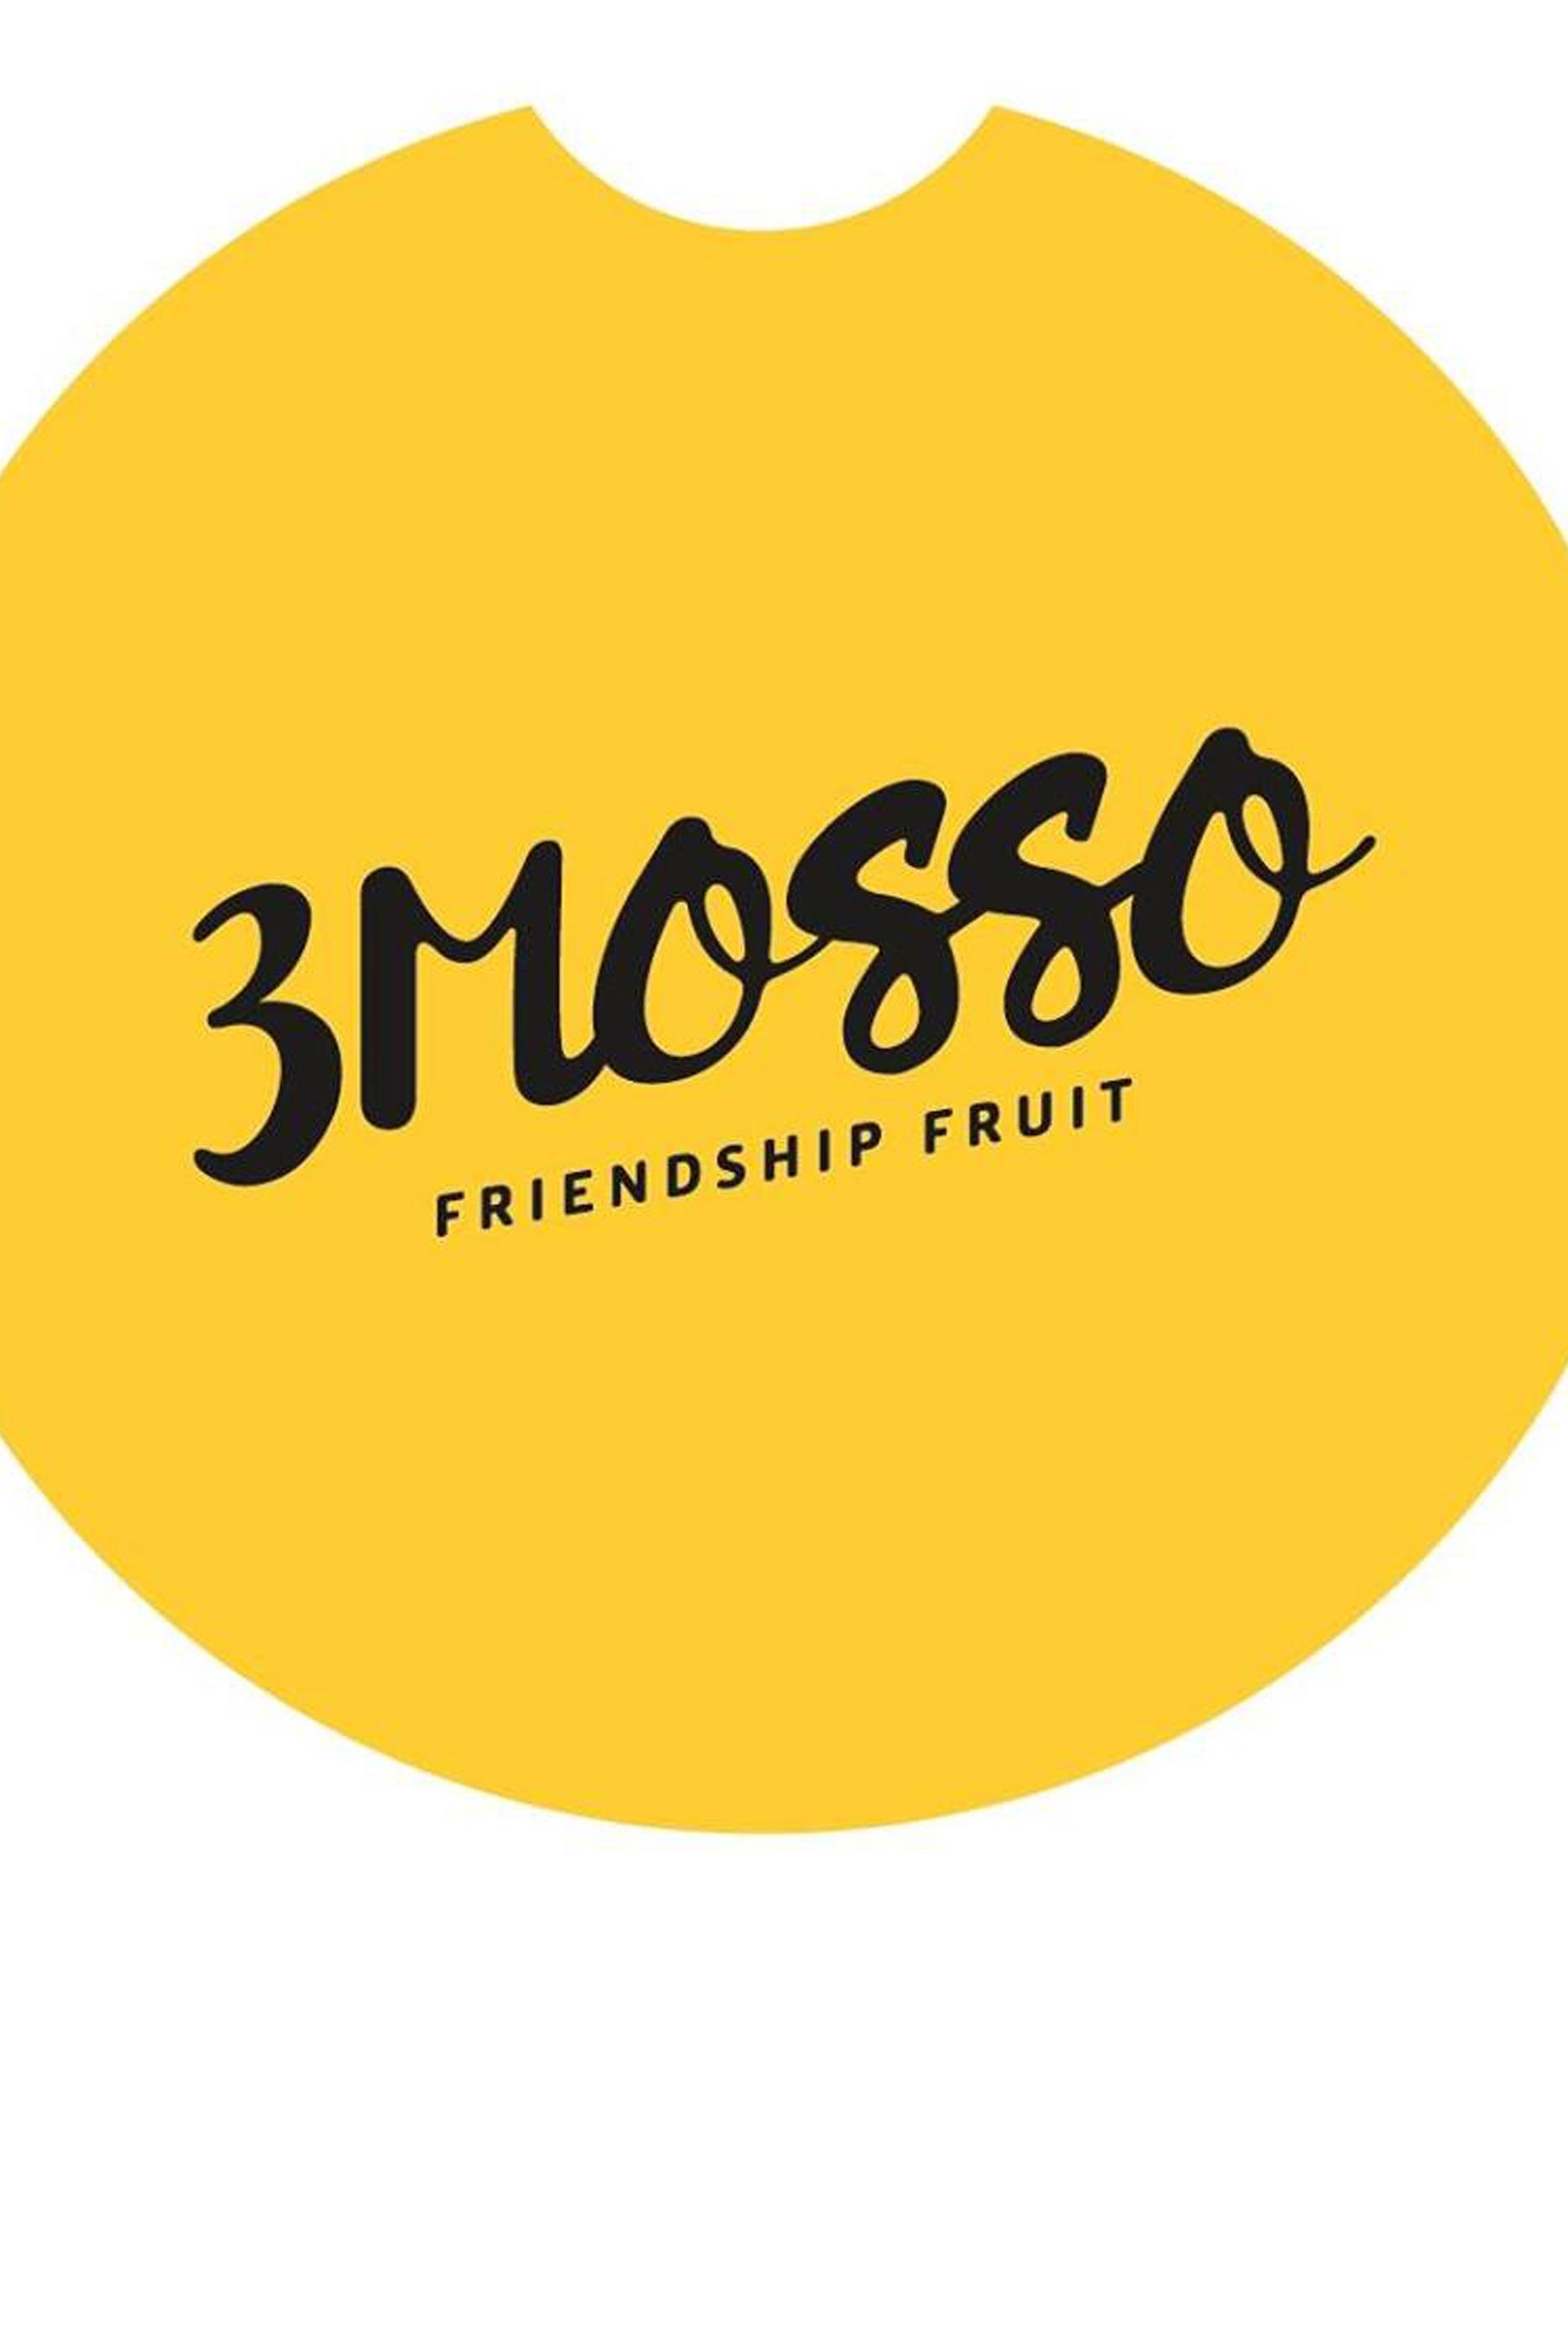 Logótipo de 3mosso - Friendship Fruit